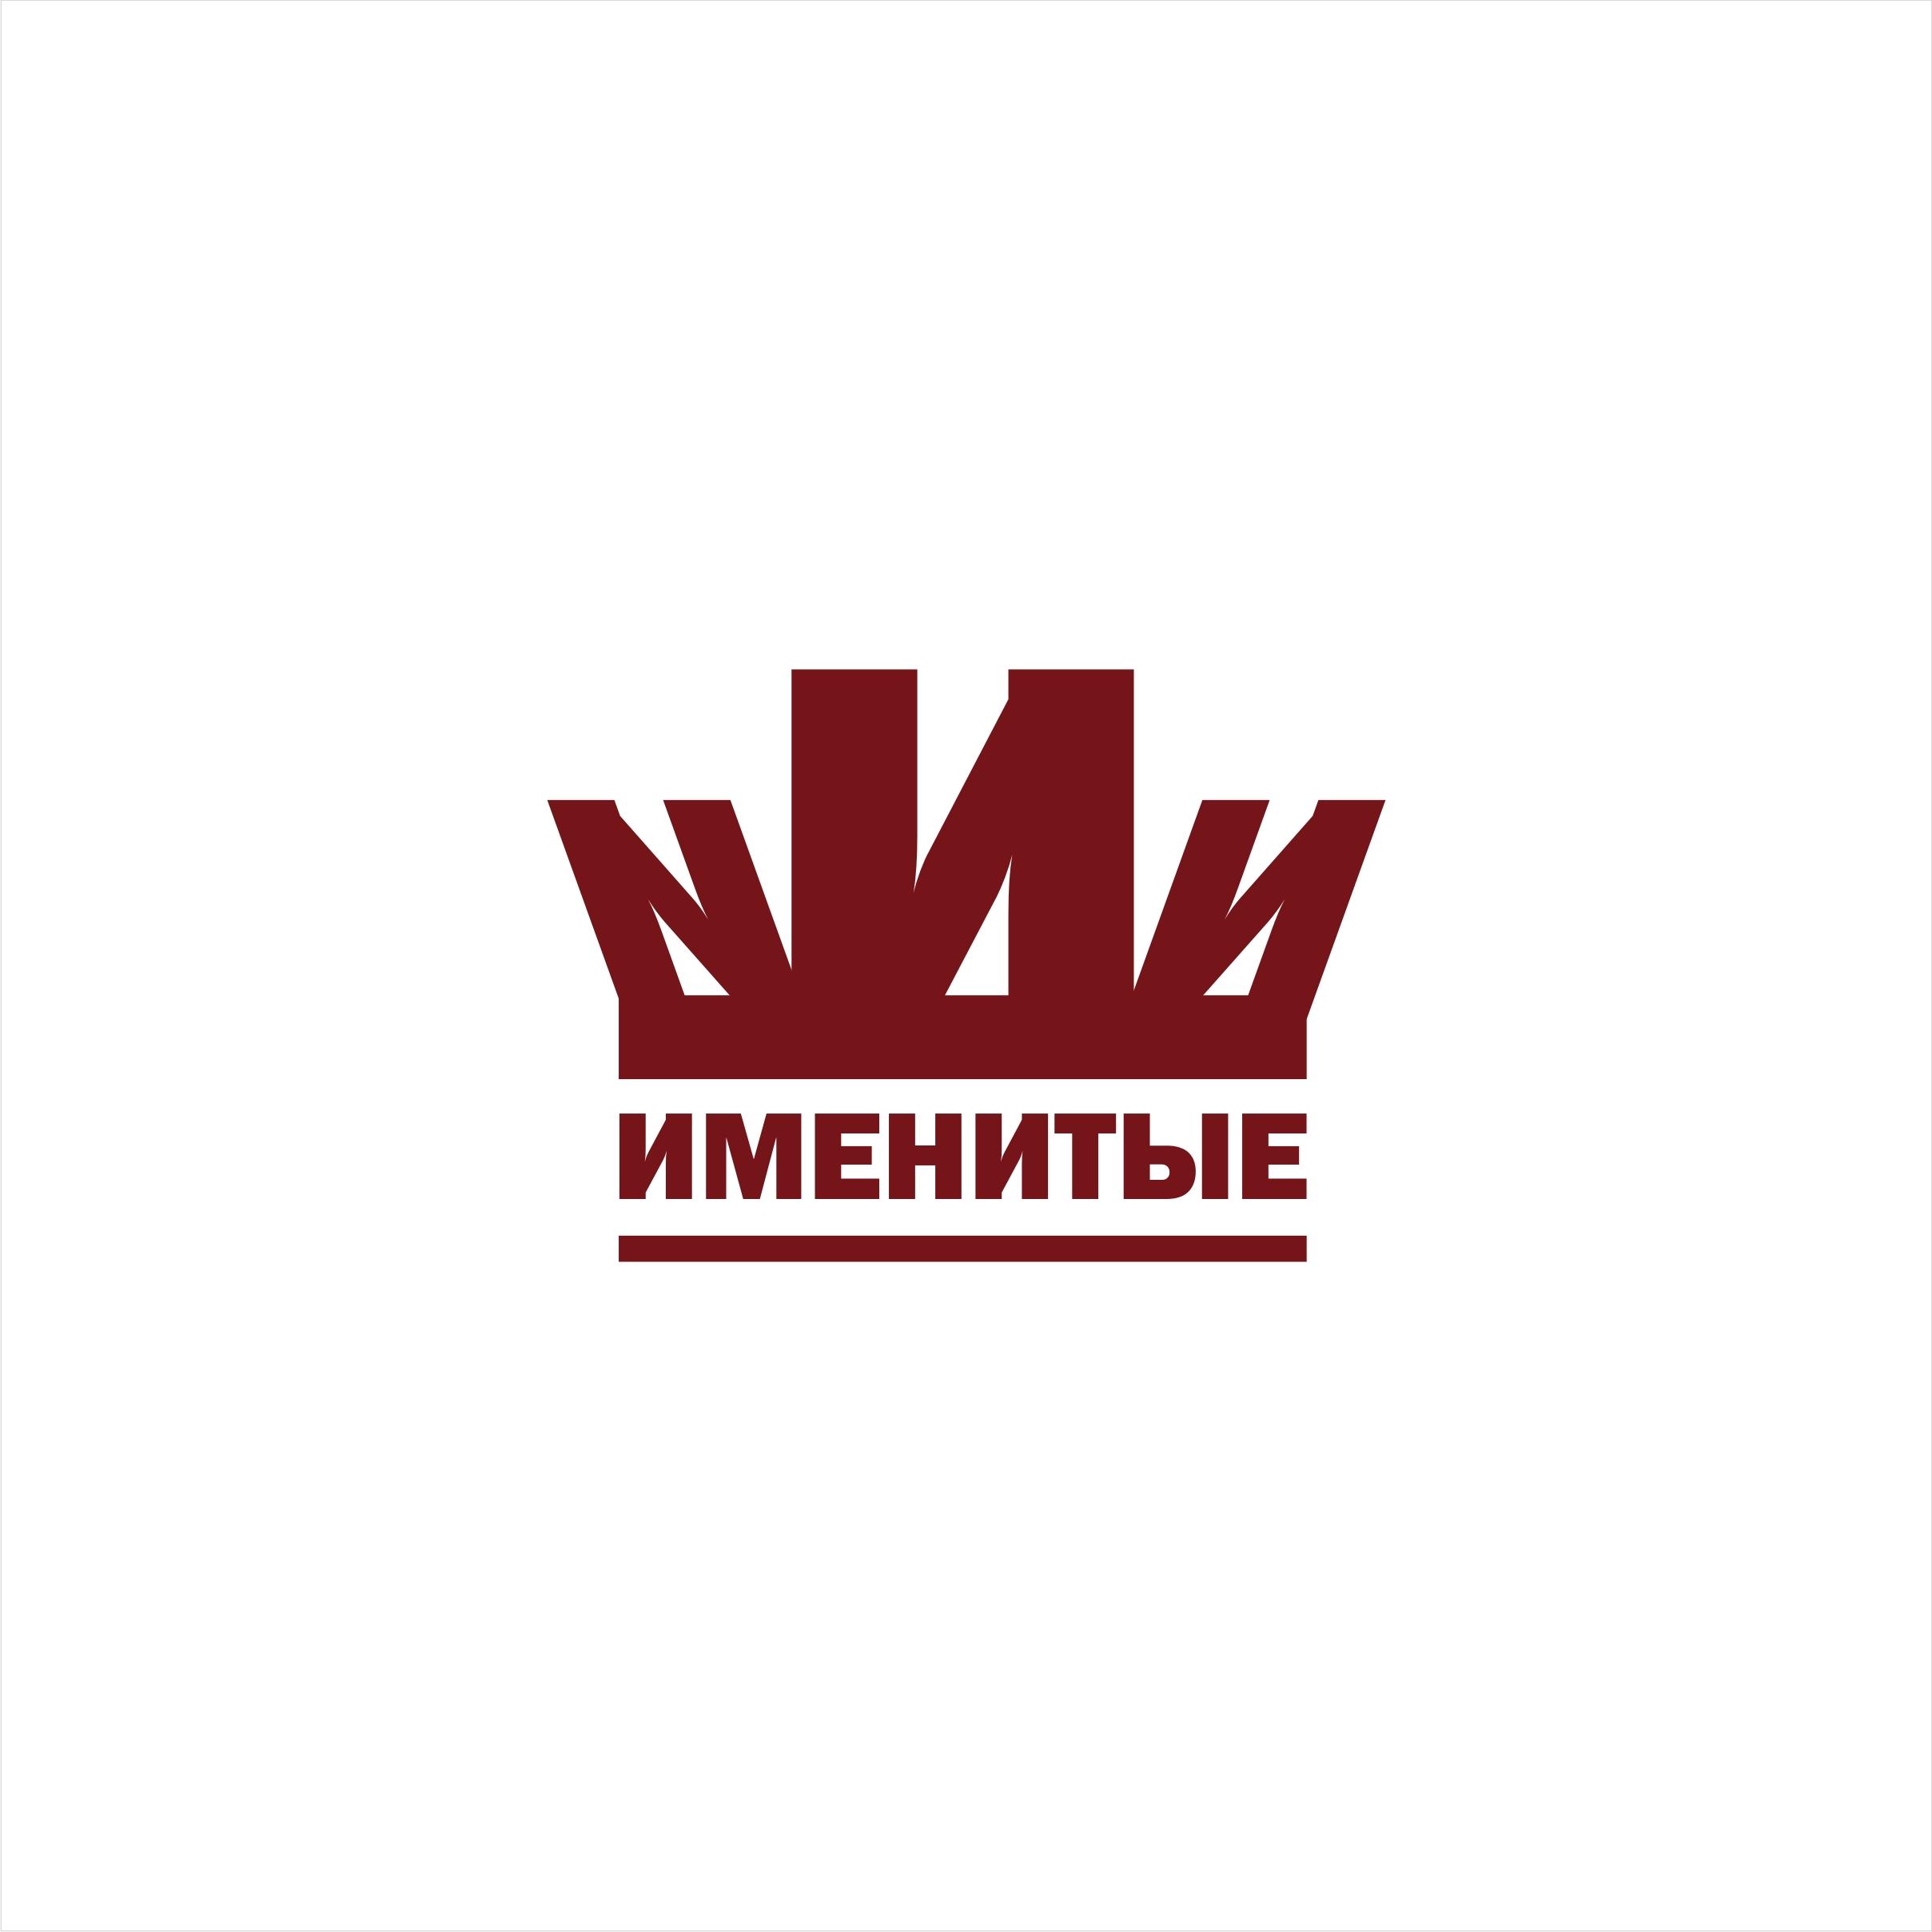 Логотип и фирменный стиль продуктов питания фото f_1095bbdce14835f5.jpg